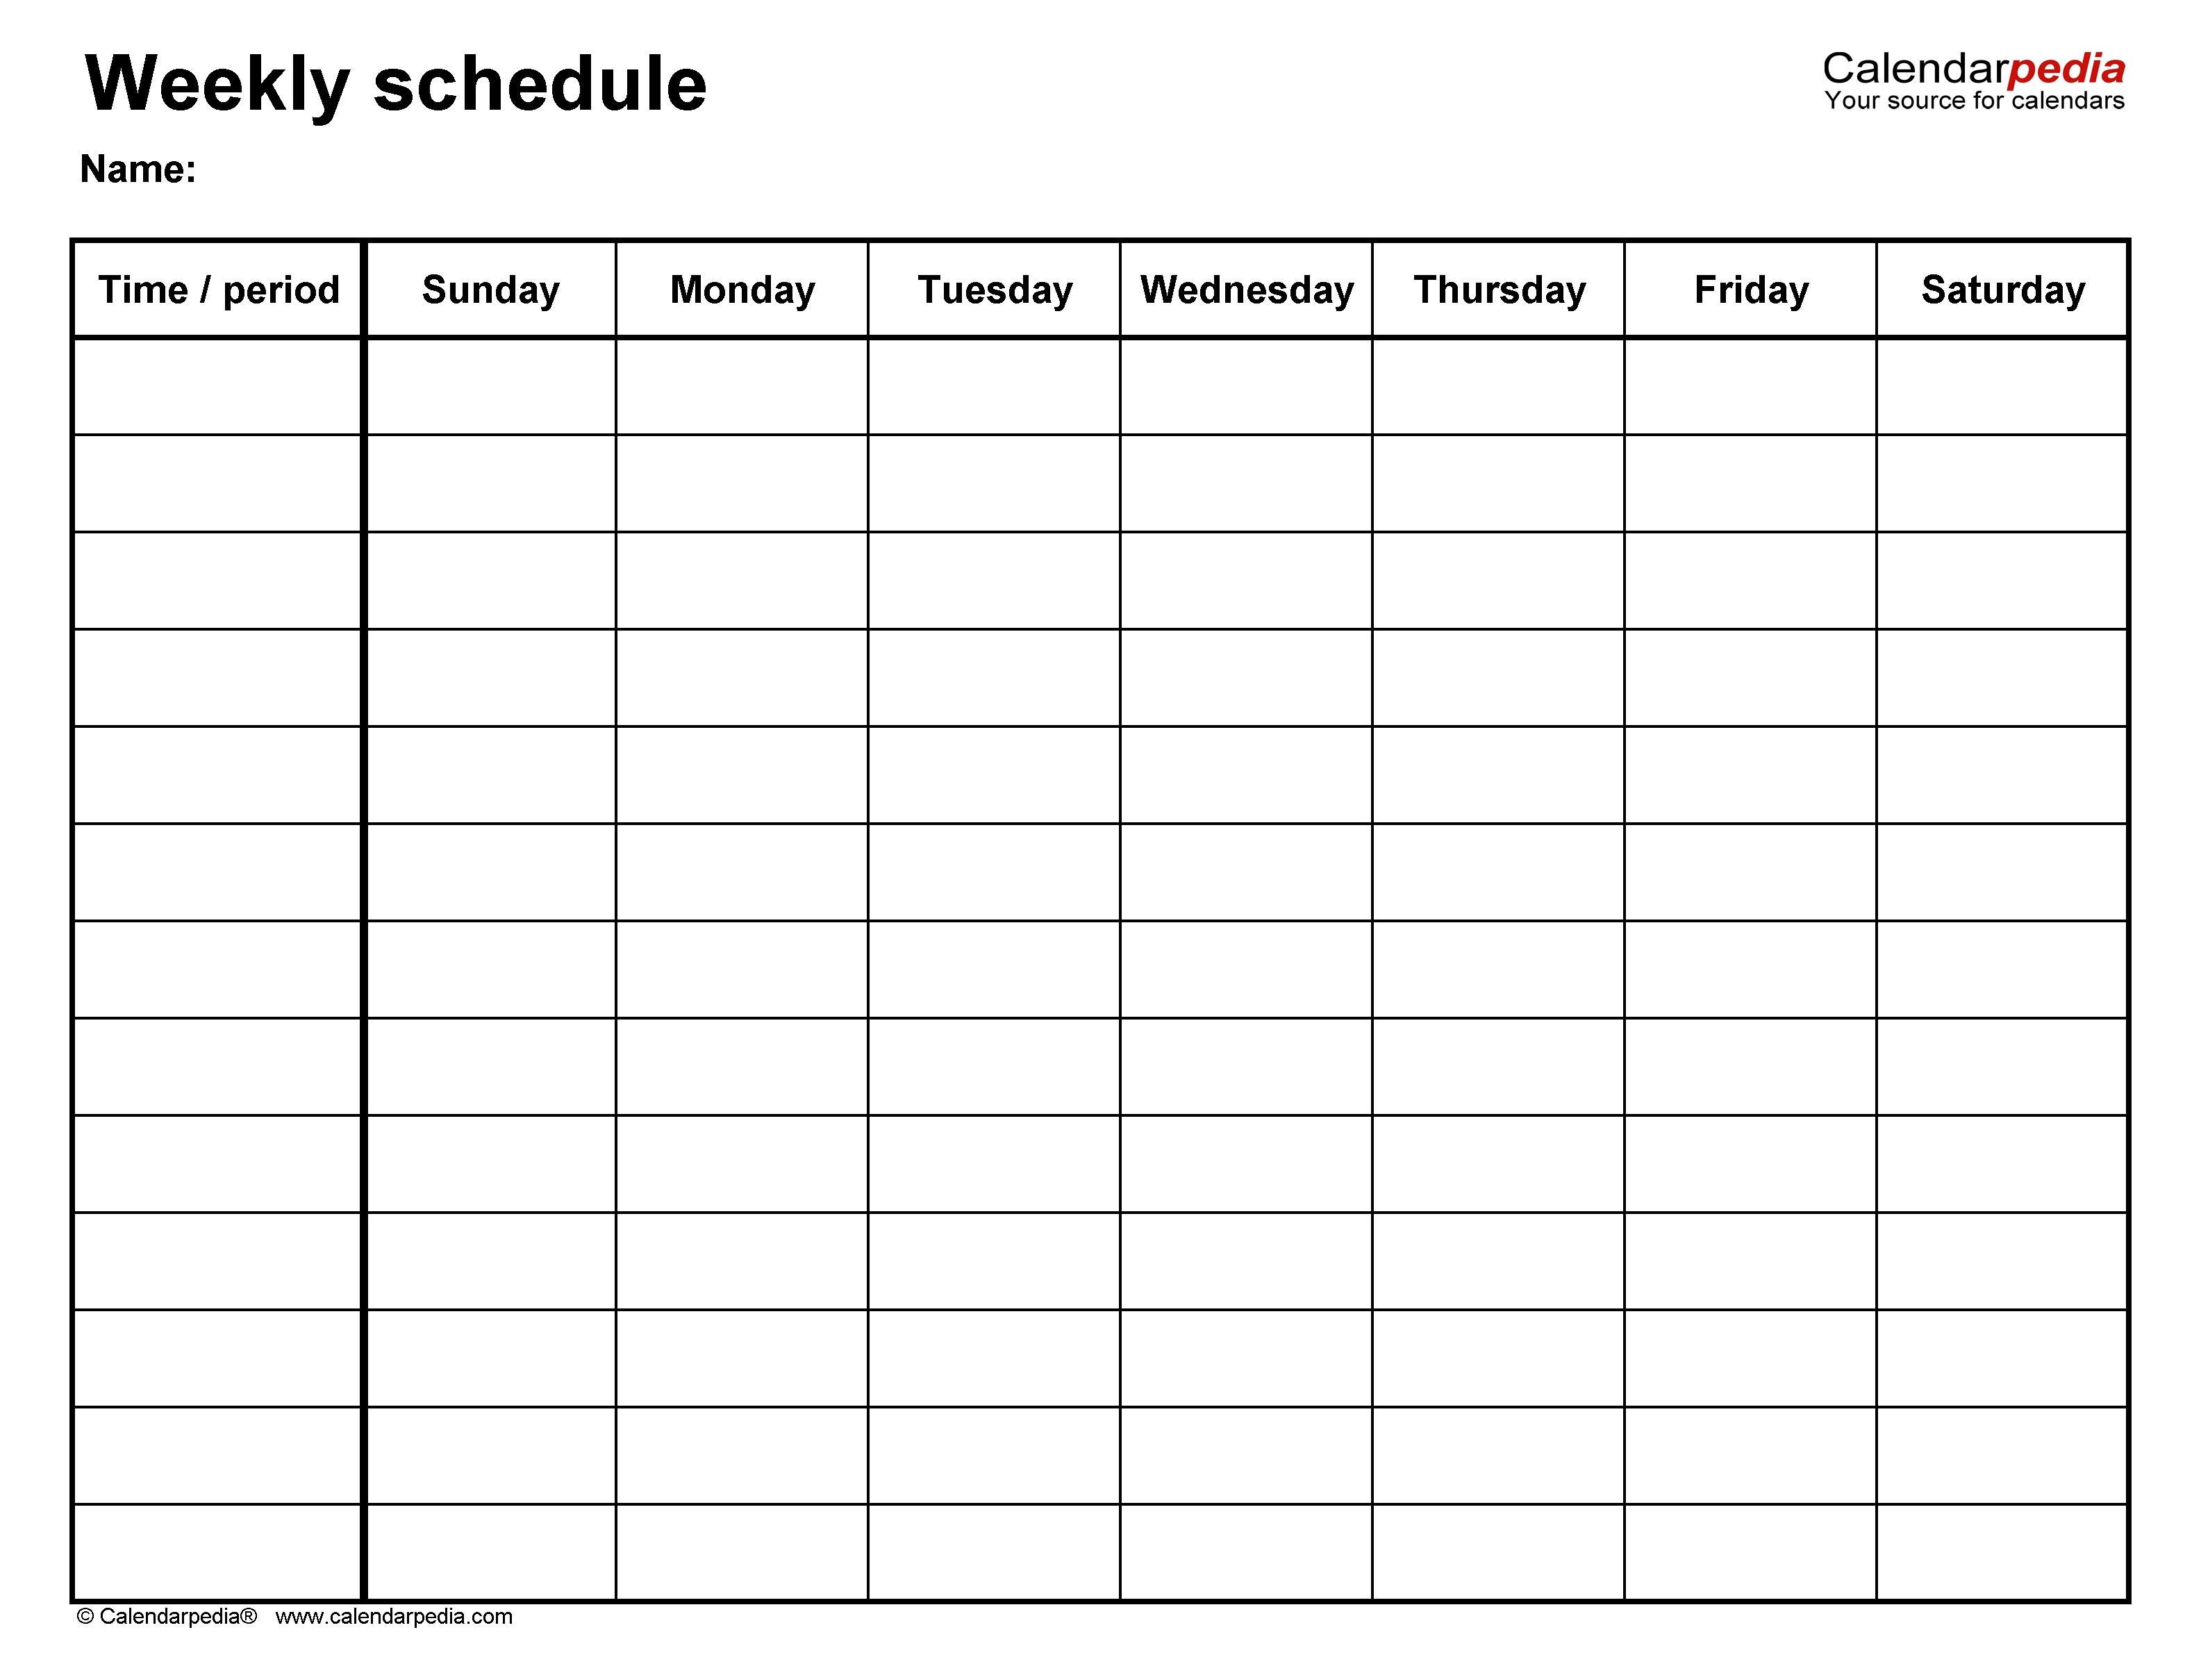 Free Weekly Schedule Templates For Word - 18 Templates-Blank Academic Week By Week Calendar